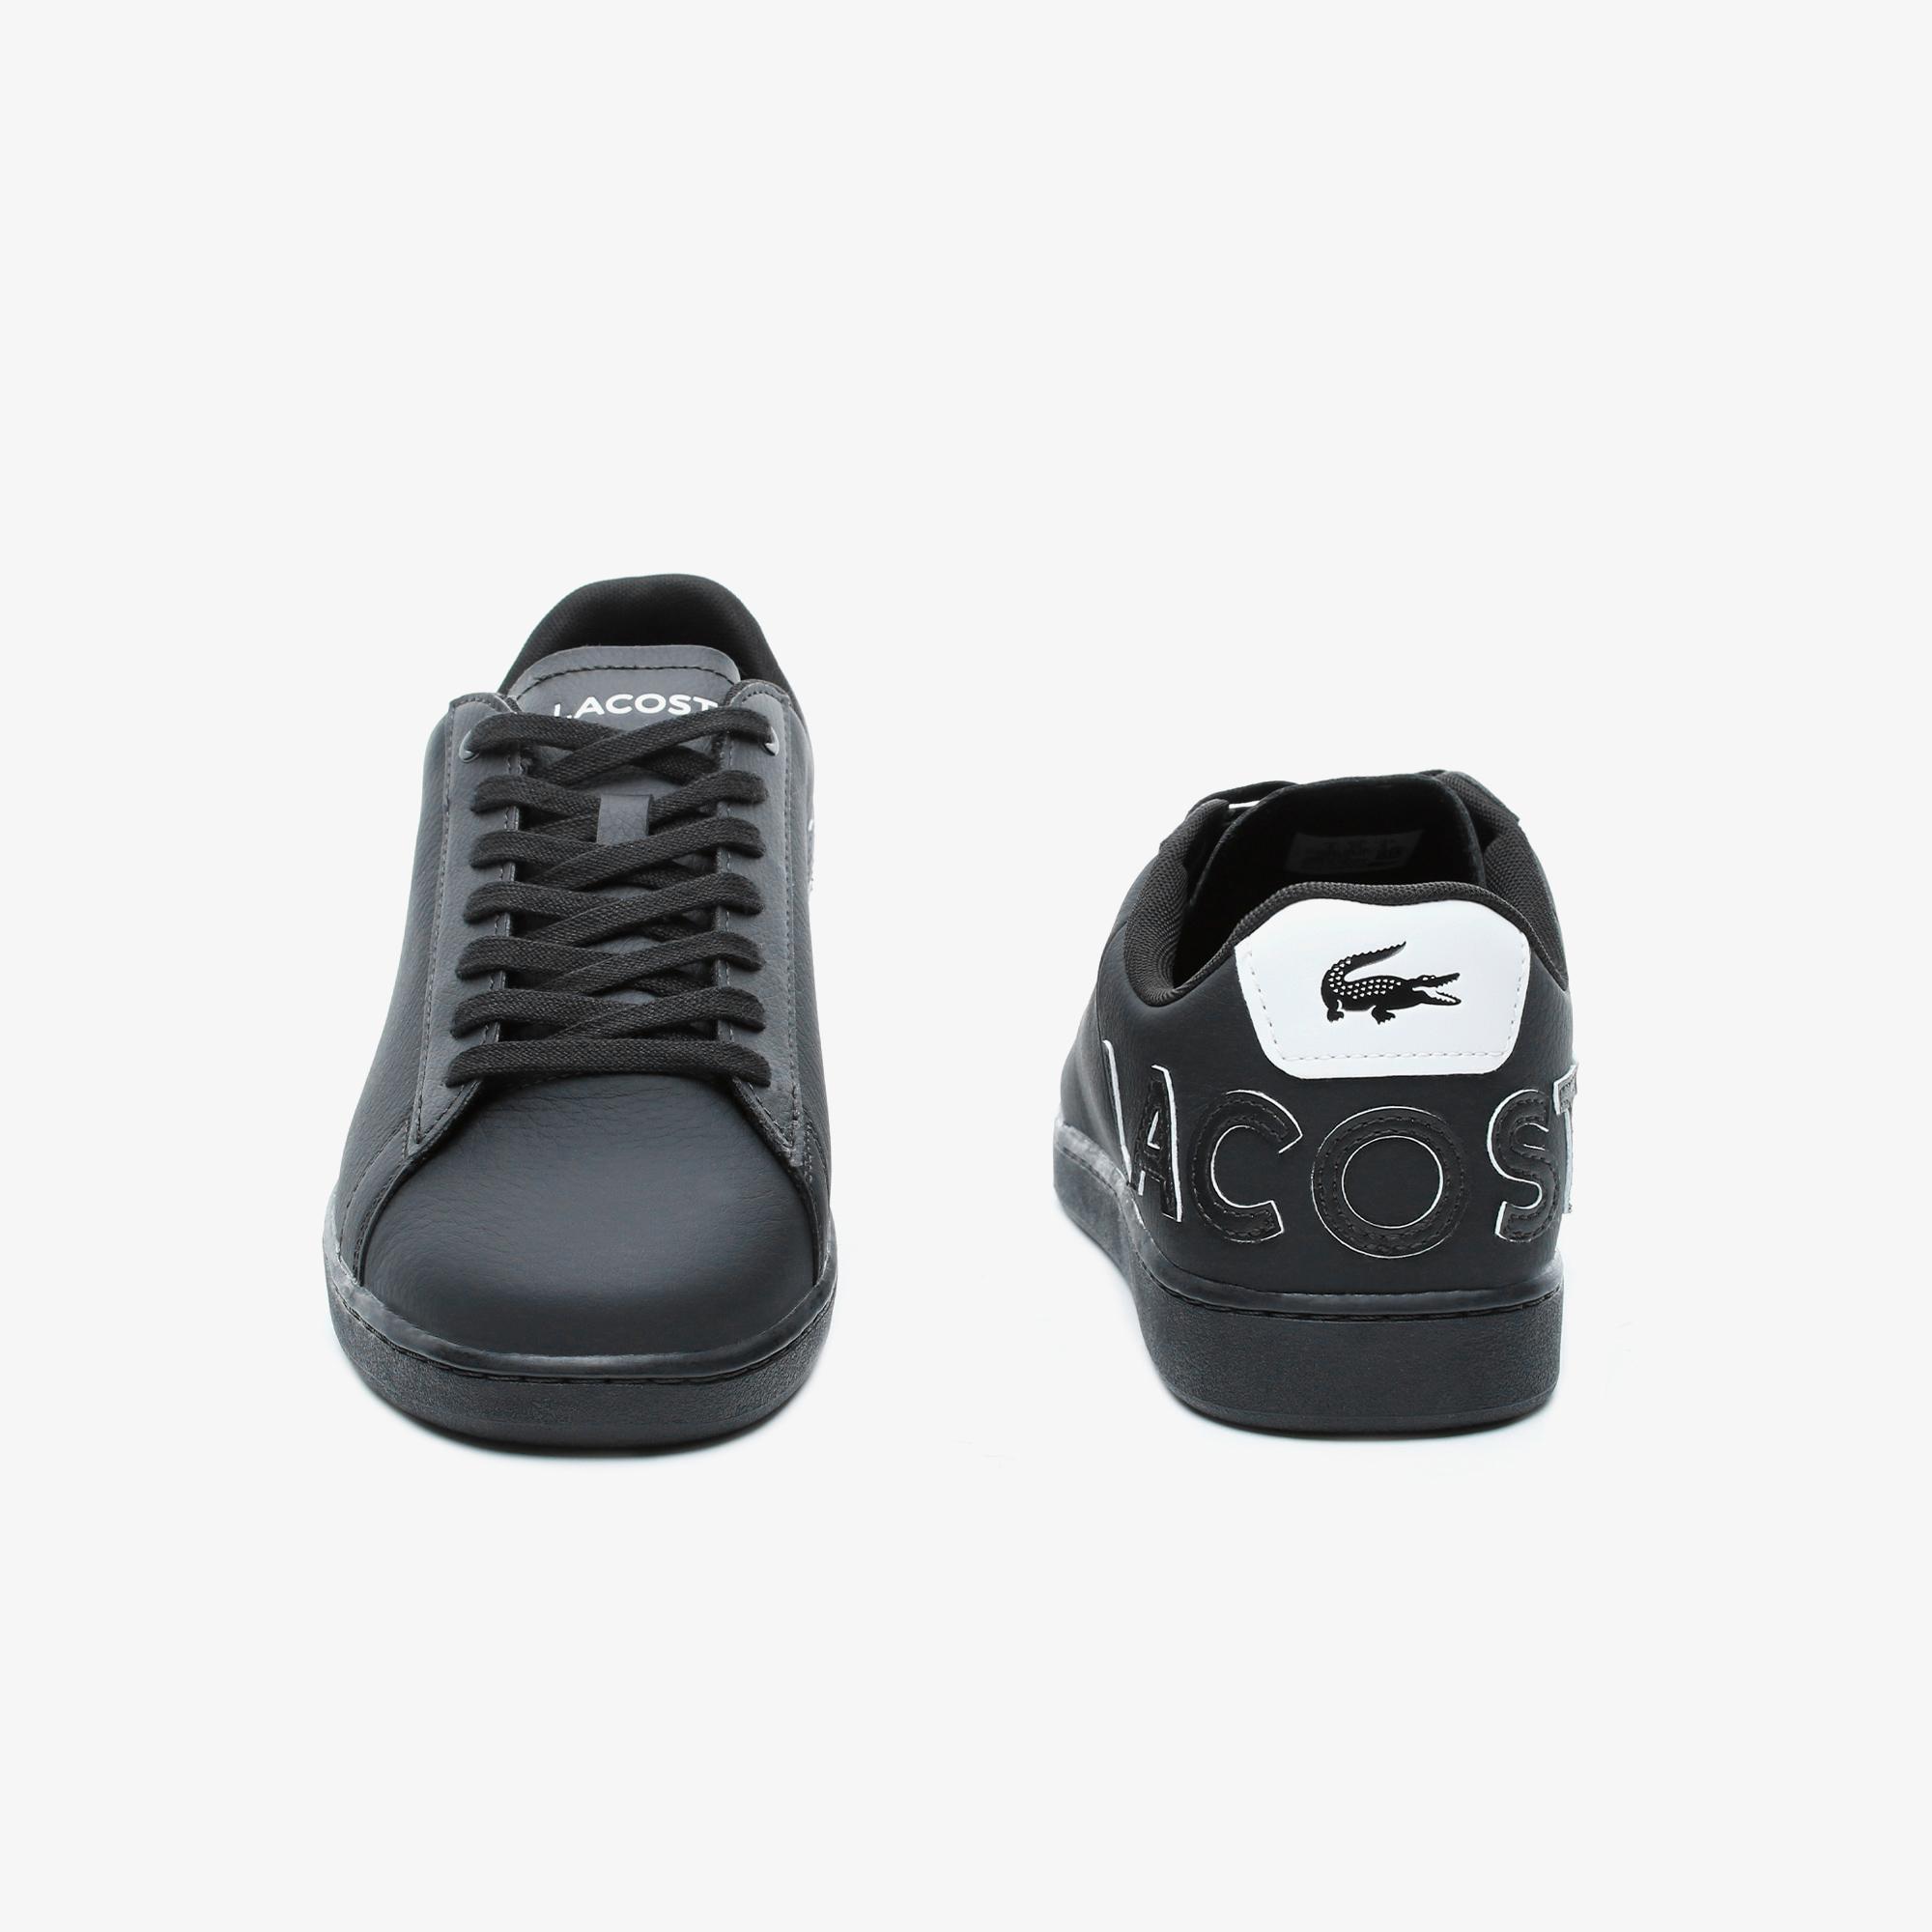 Lacoste Carnaby Evo 120 7 US Męskie Sneakersy